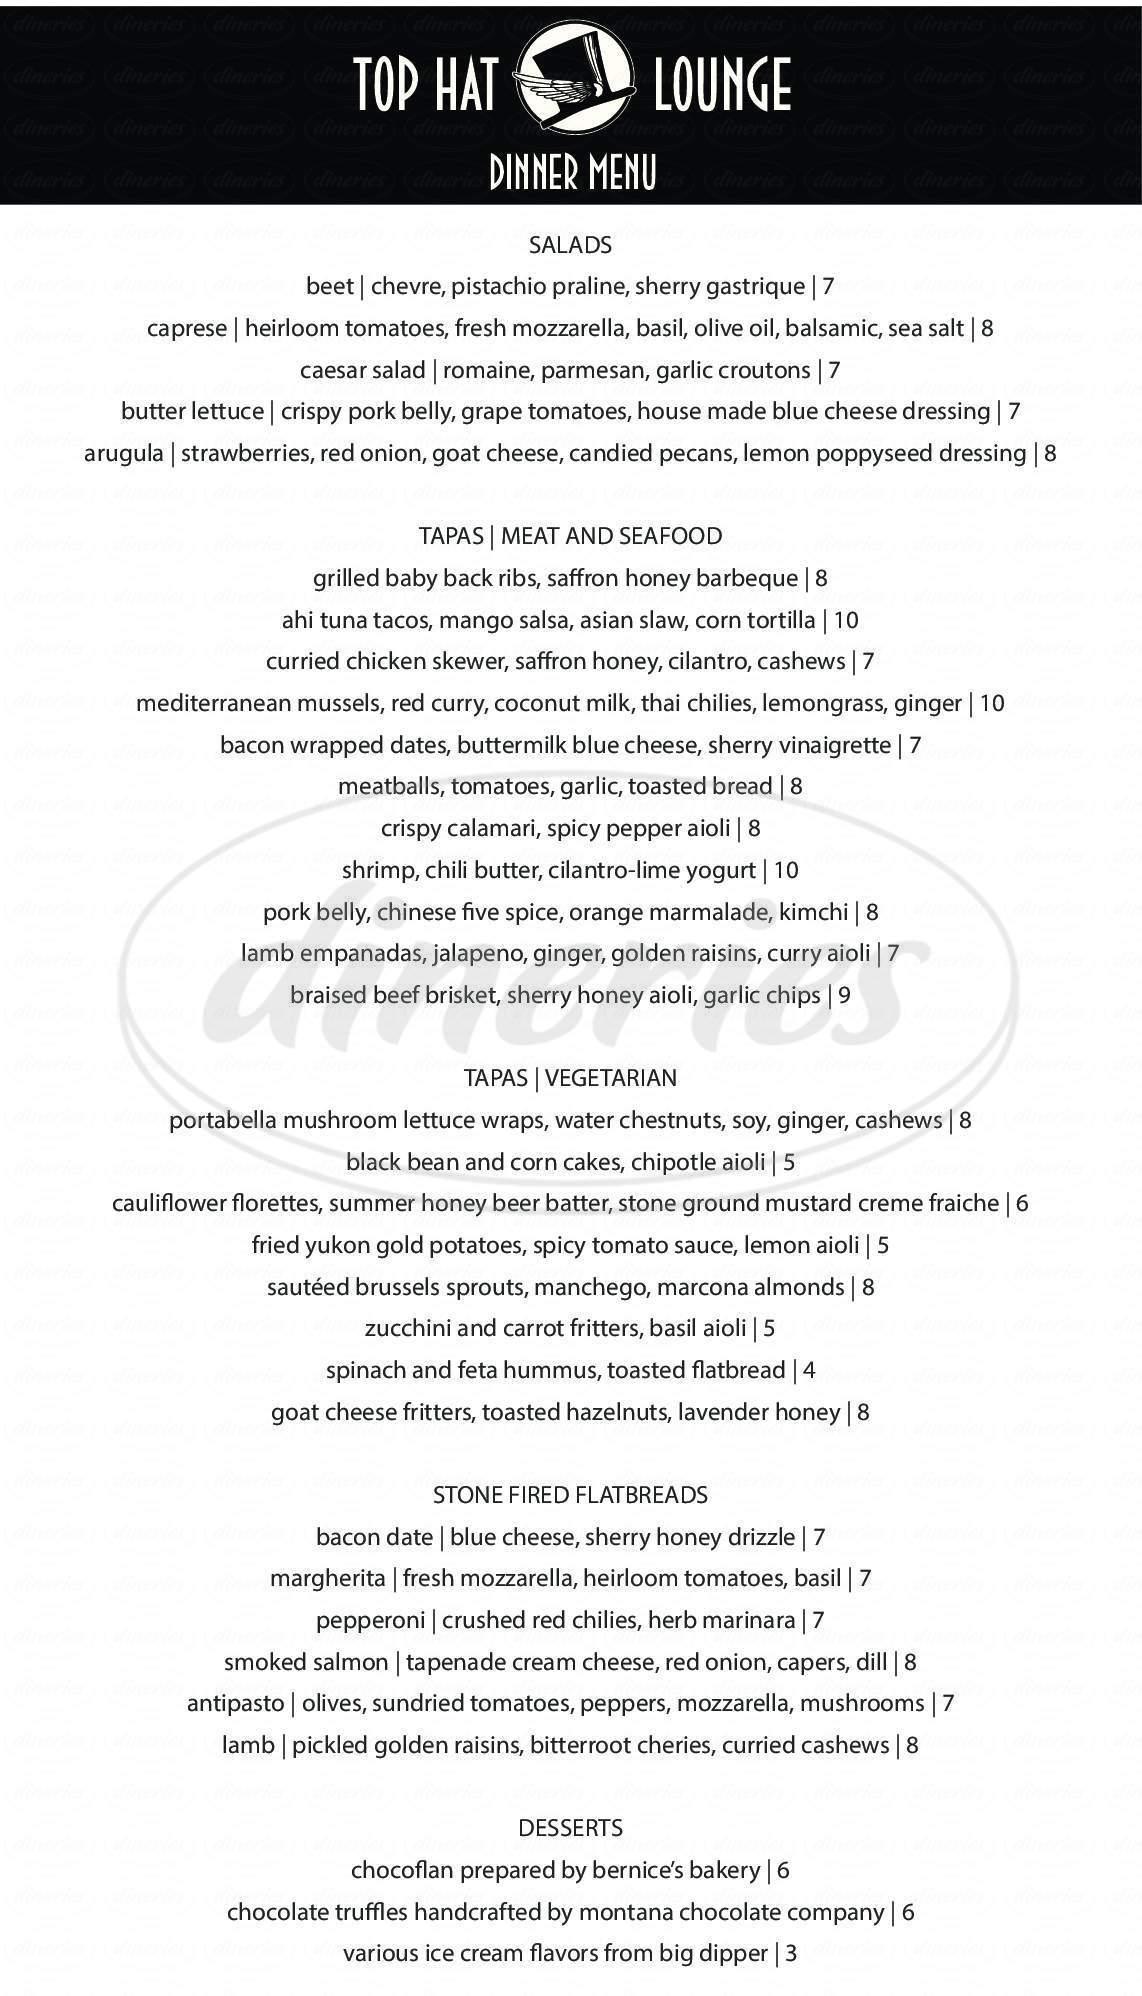 menu for Top Hat